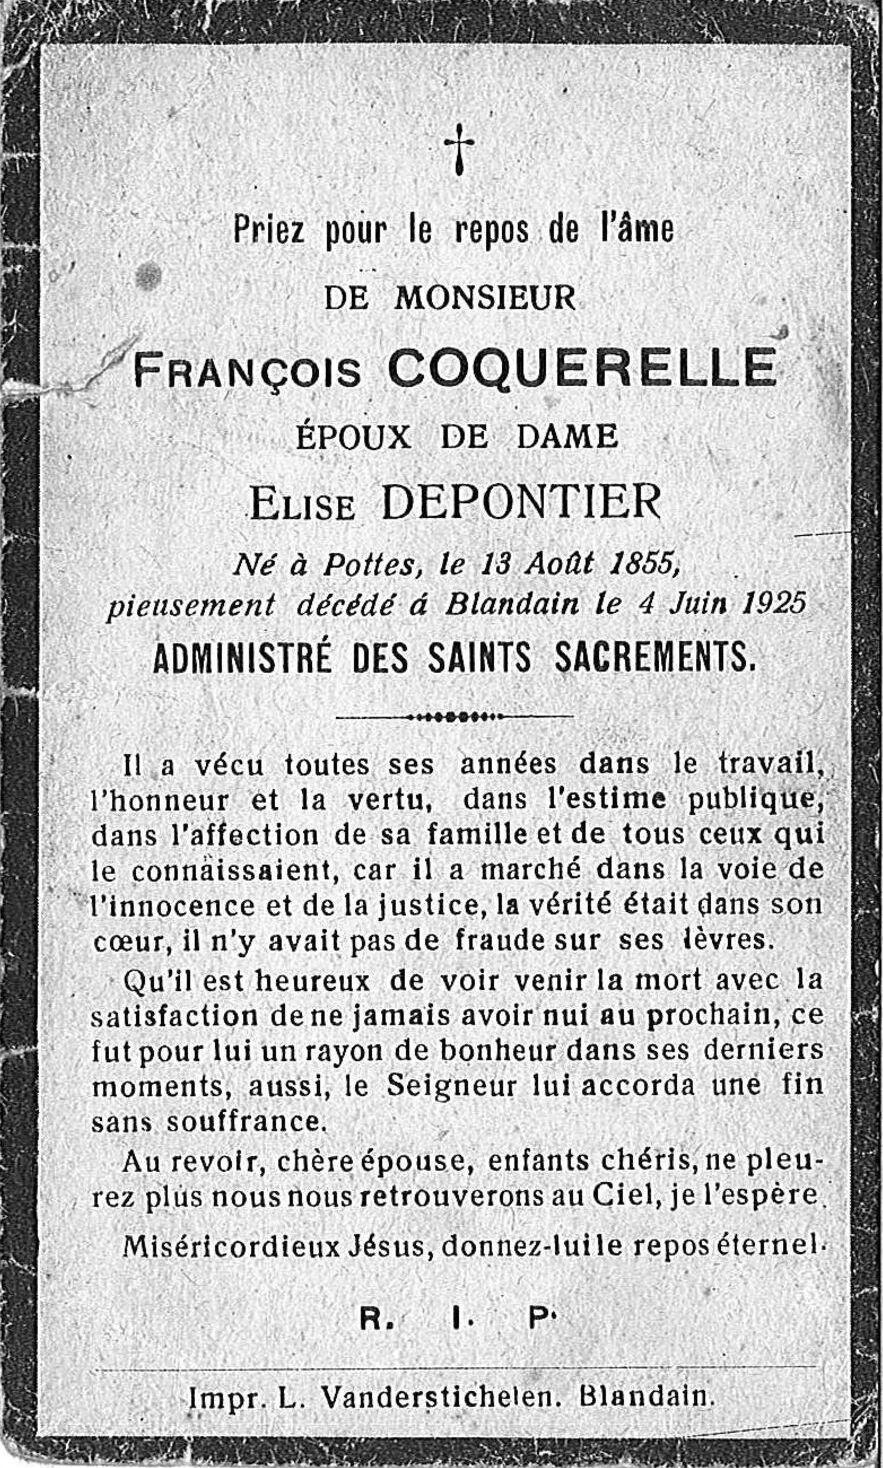 Coquerelle François